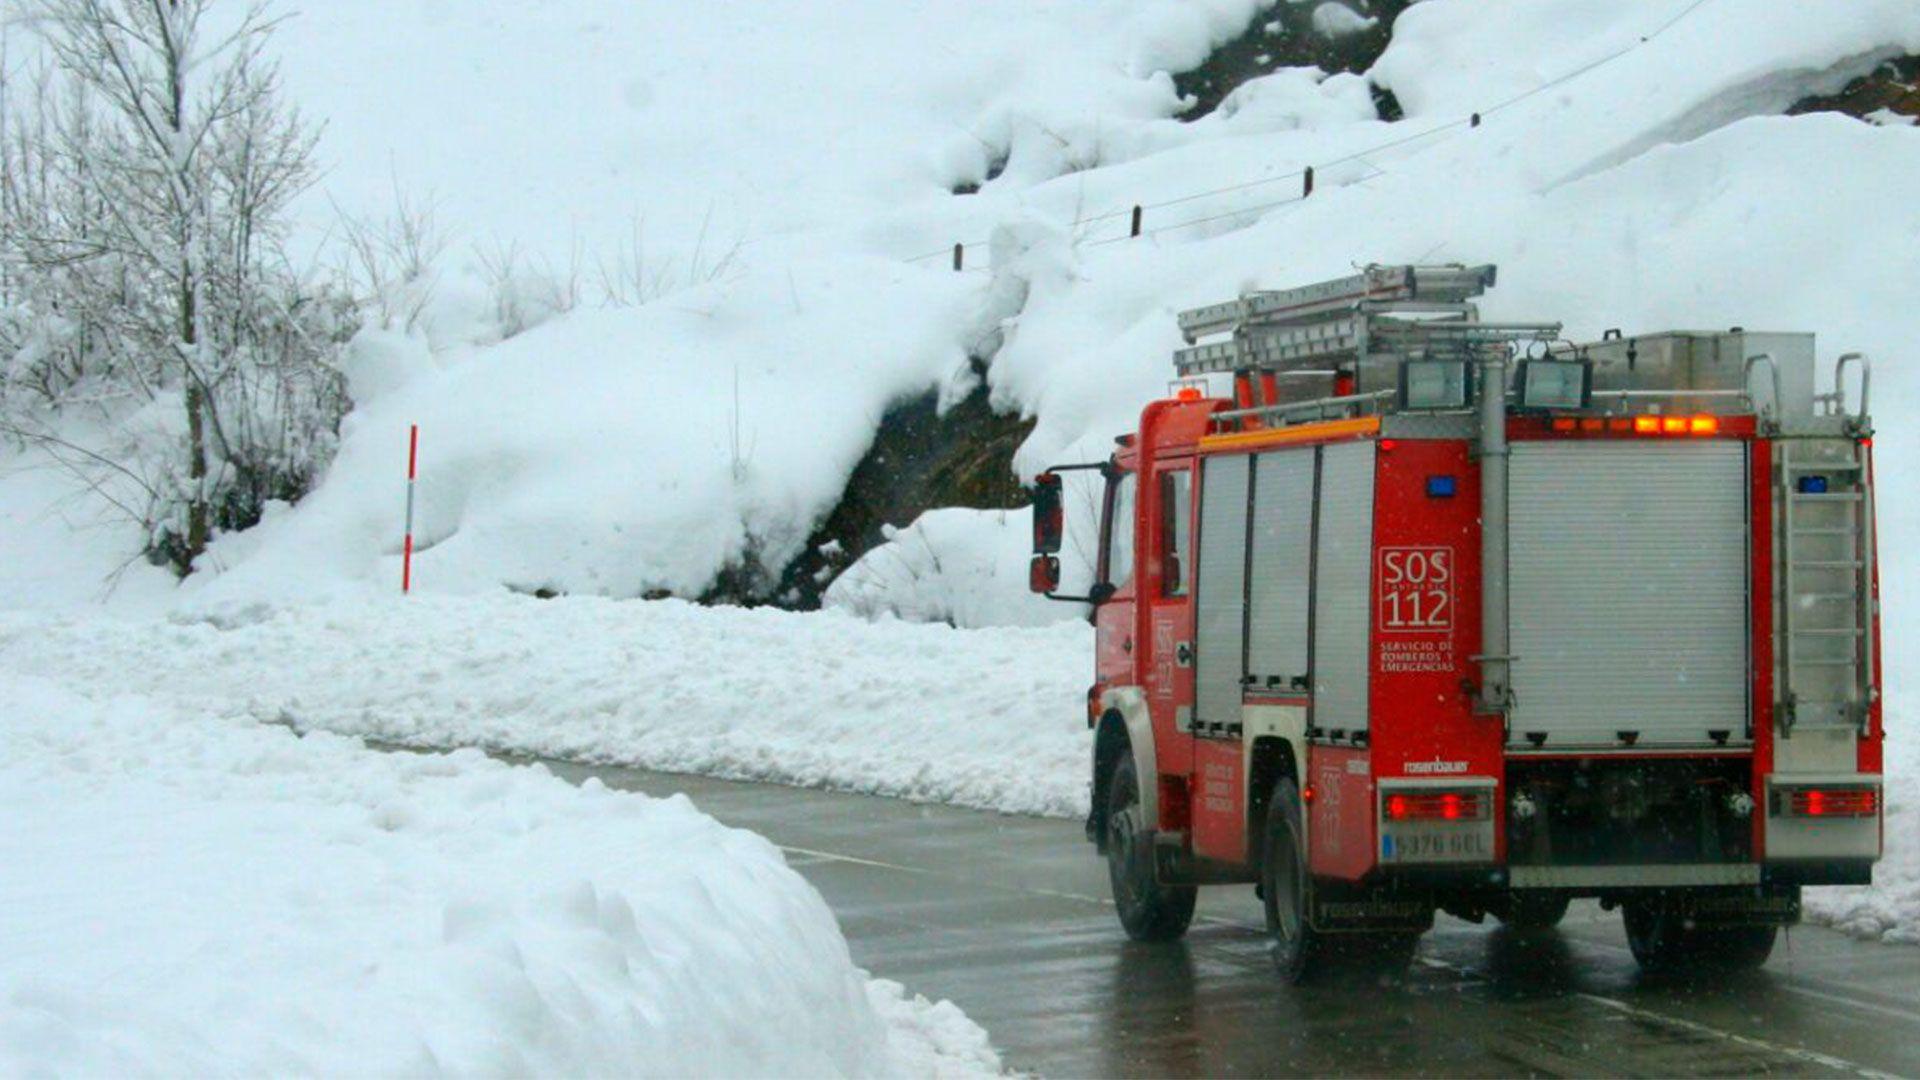 112 camion de bomberos